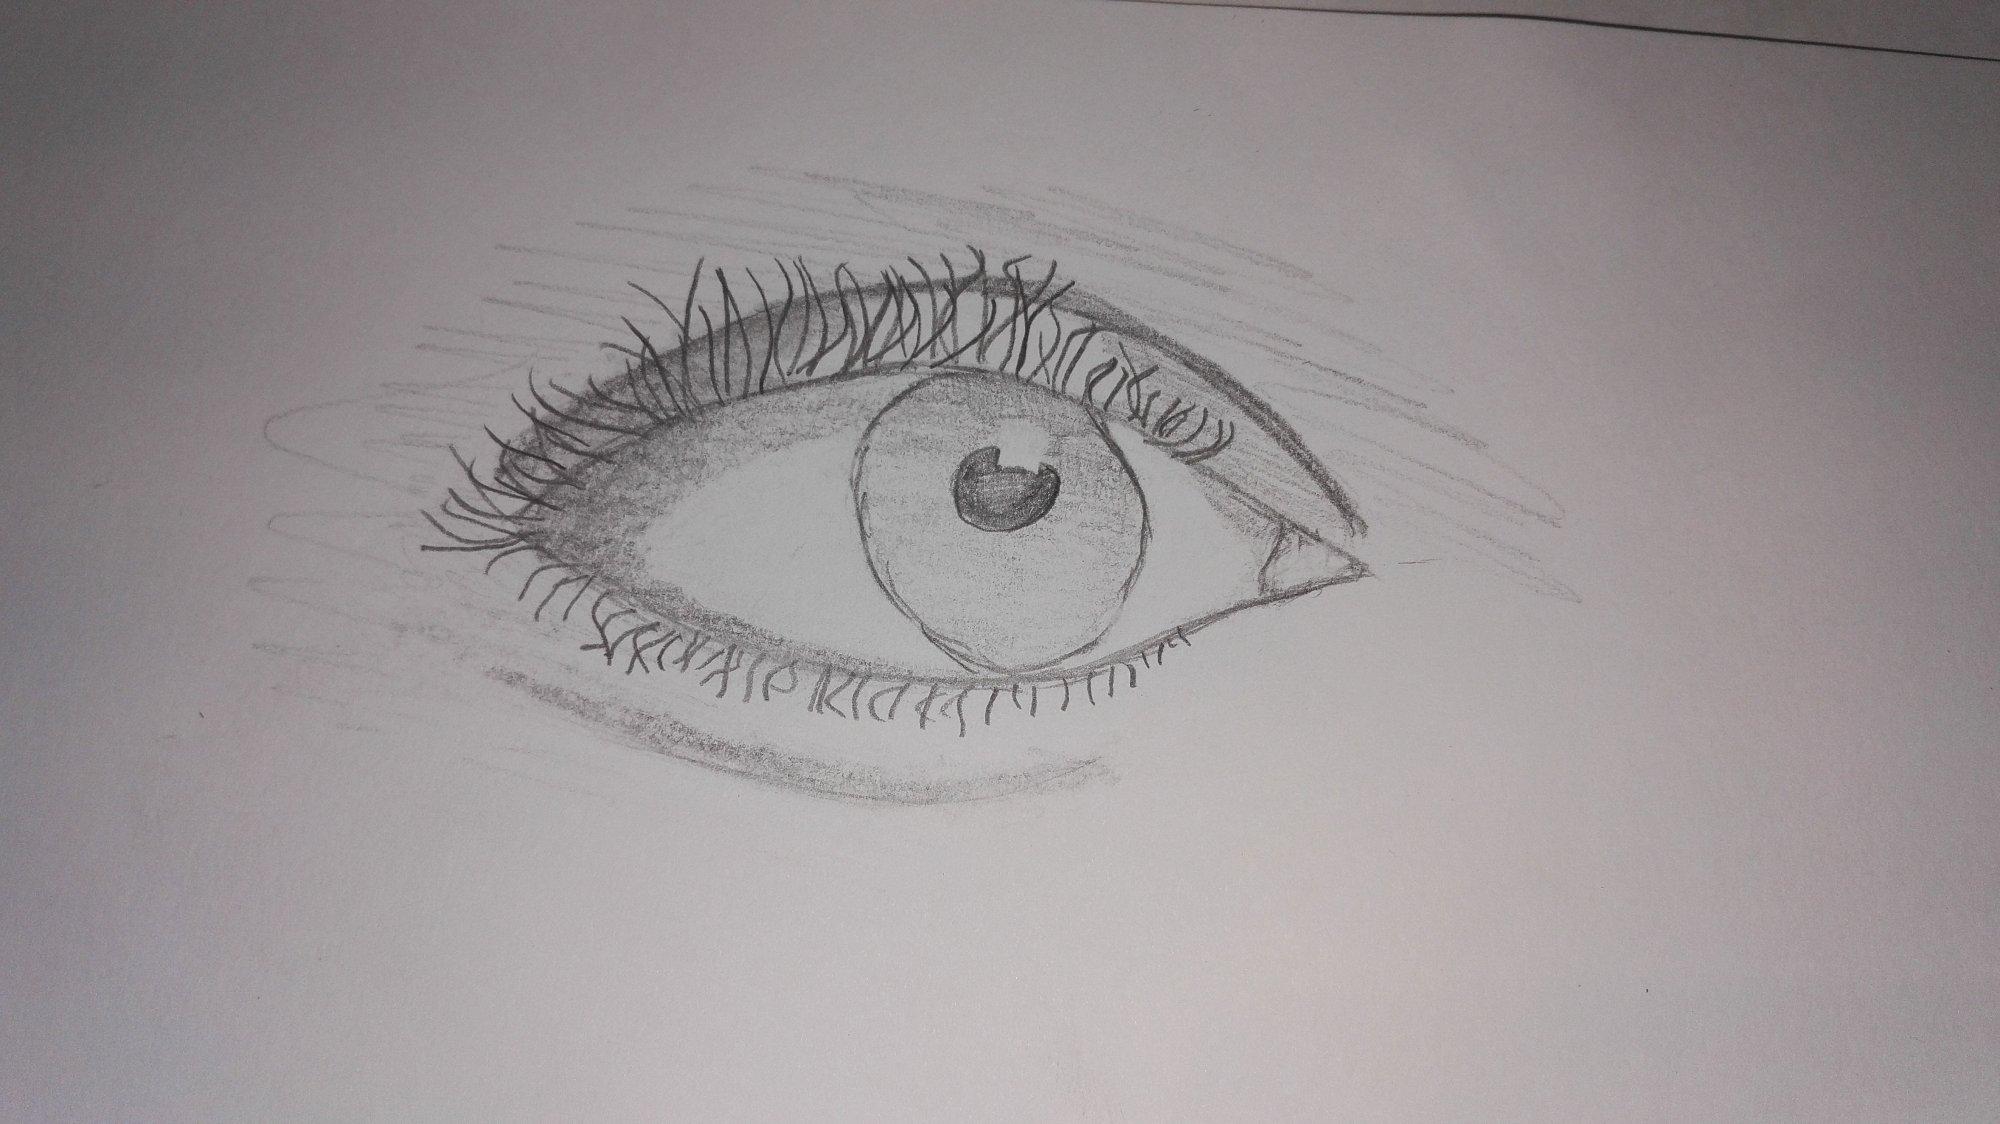 Naucte Se Kreslit Spravne Kresleni Pravou Hemisferou Kurzy Pro